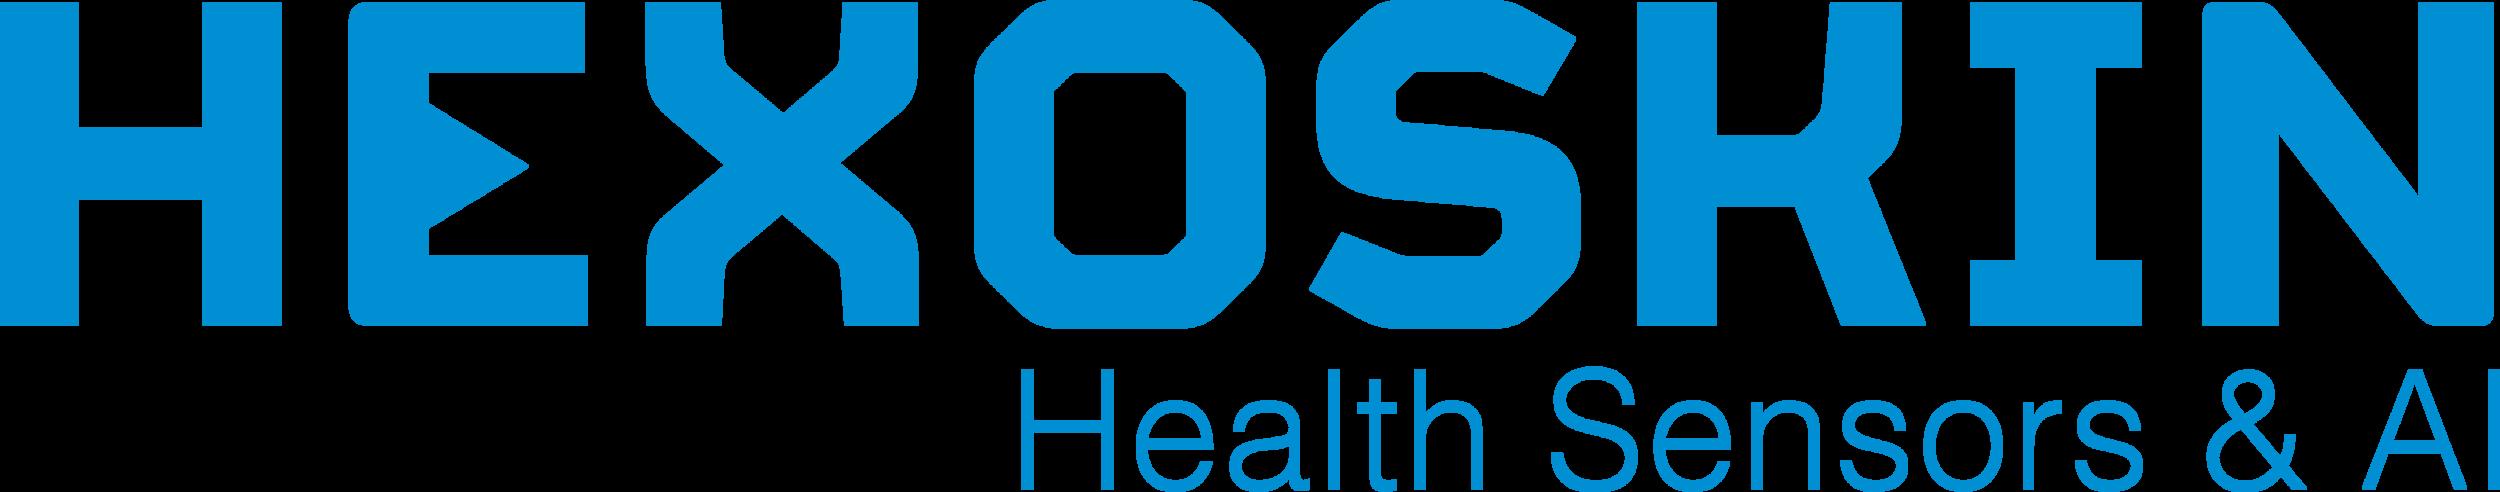 Hexoskin - Logo - Health Sensors  AI.png